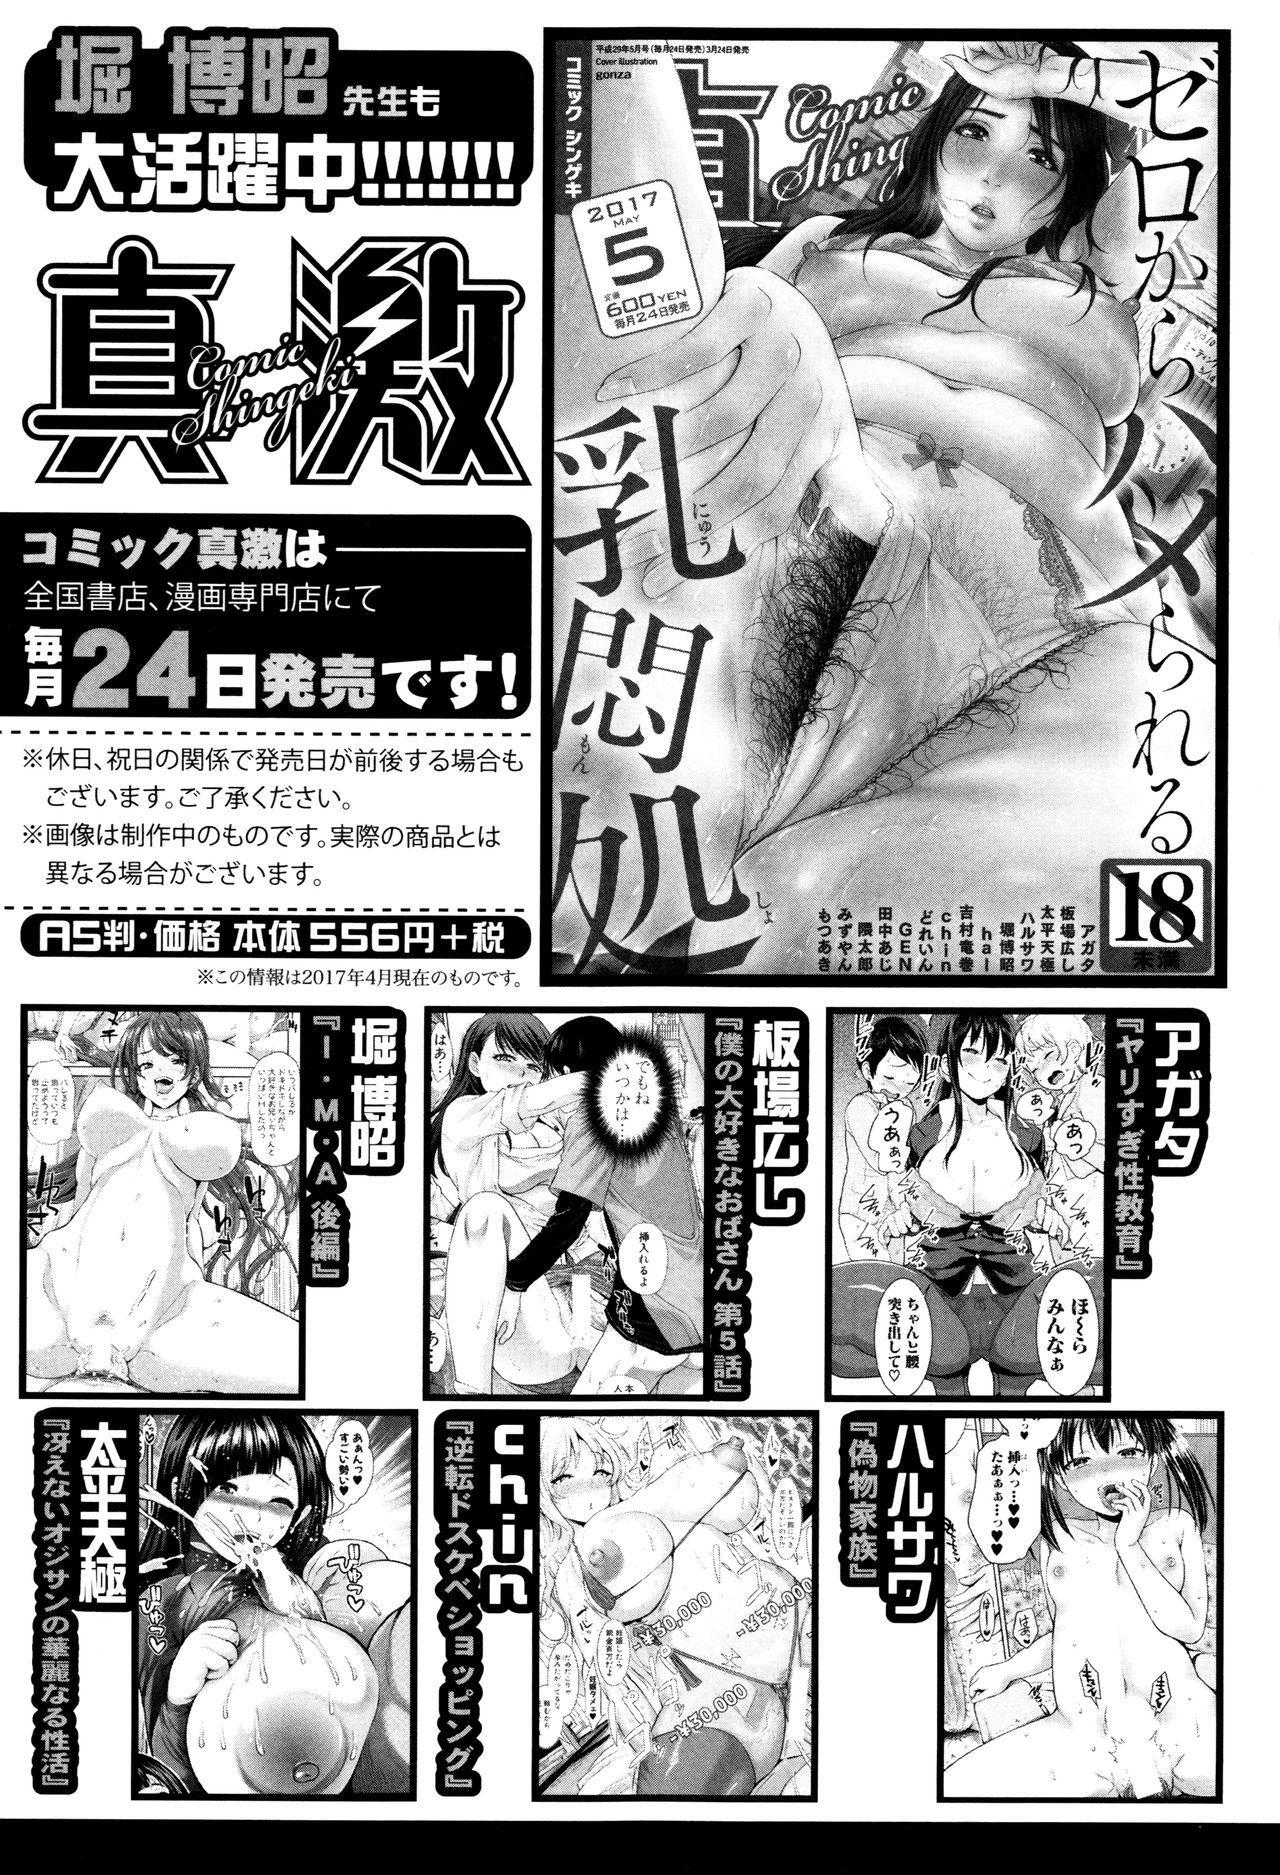 Imouto dakedo Oniichan, H Shiyo! H Shiyo! H Shiyou yo! 229